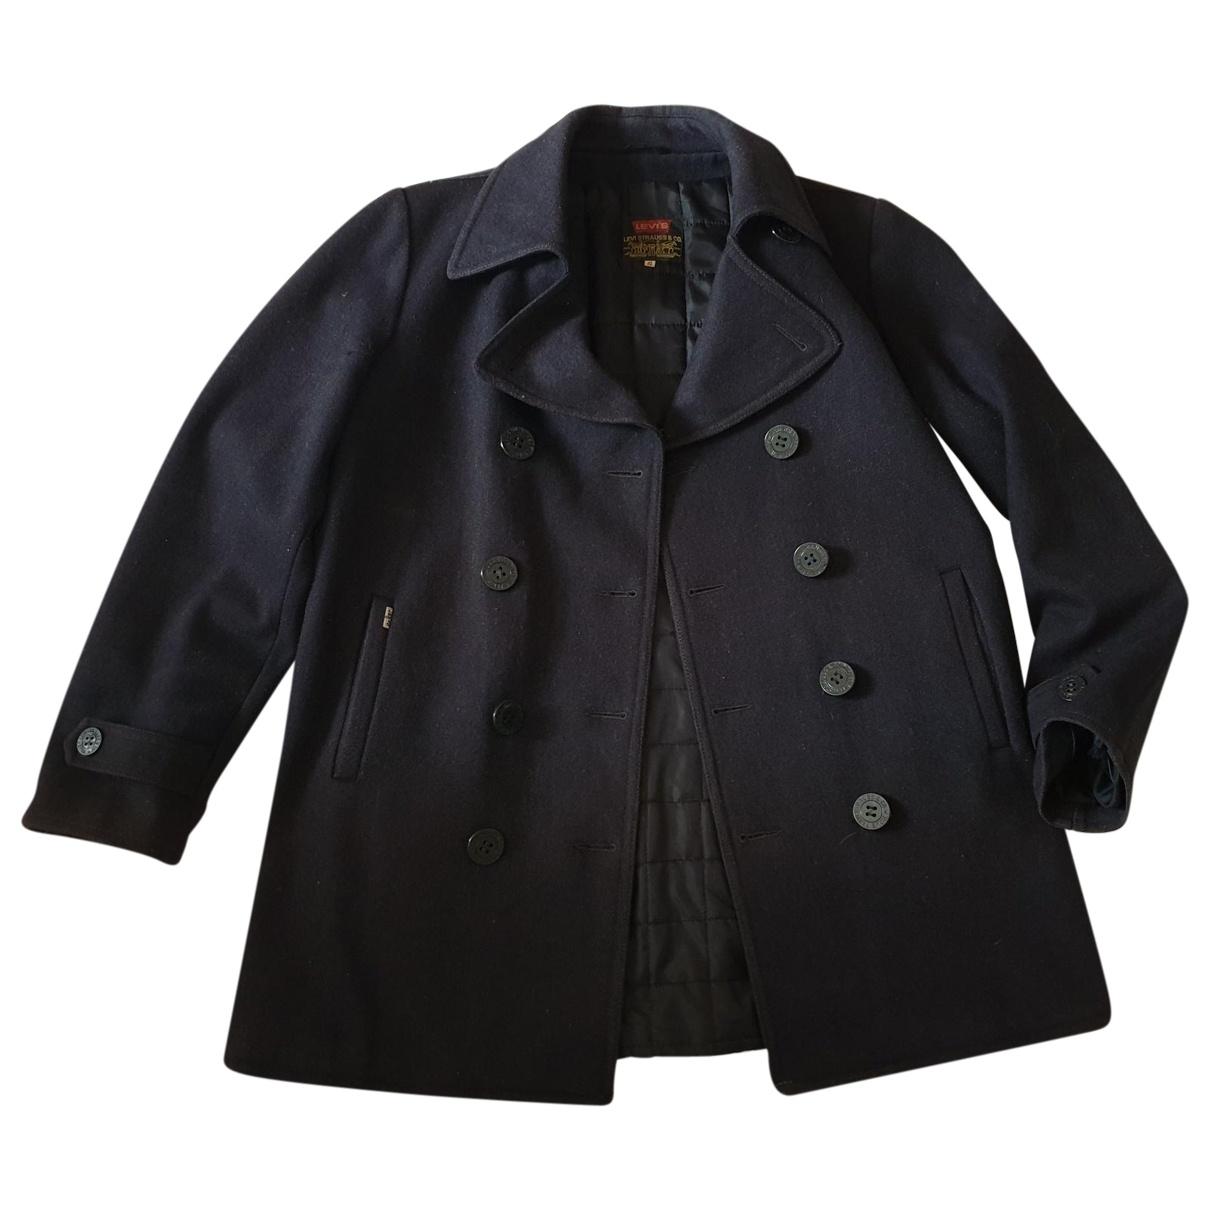 Levis - Manteau   pour homme en laine - anthracite